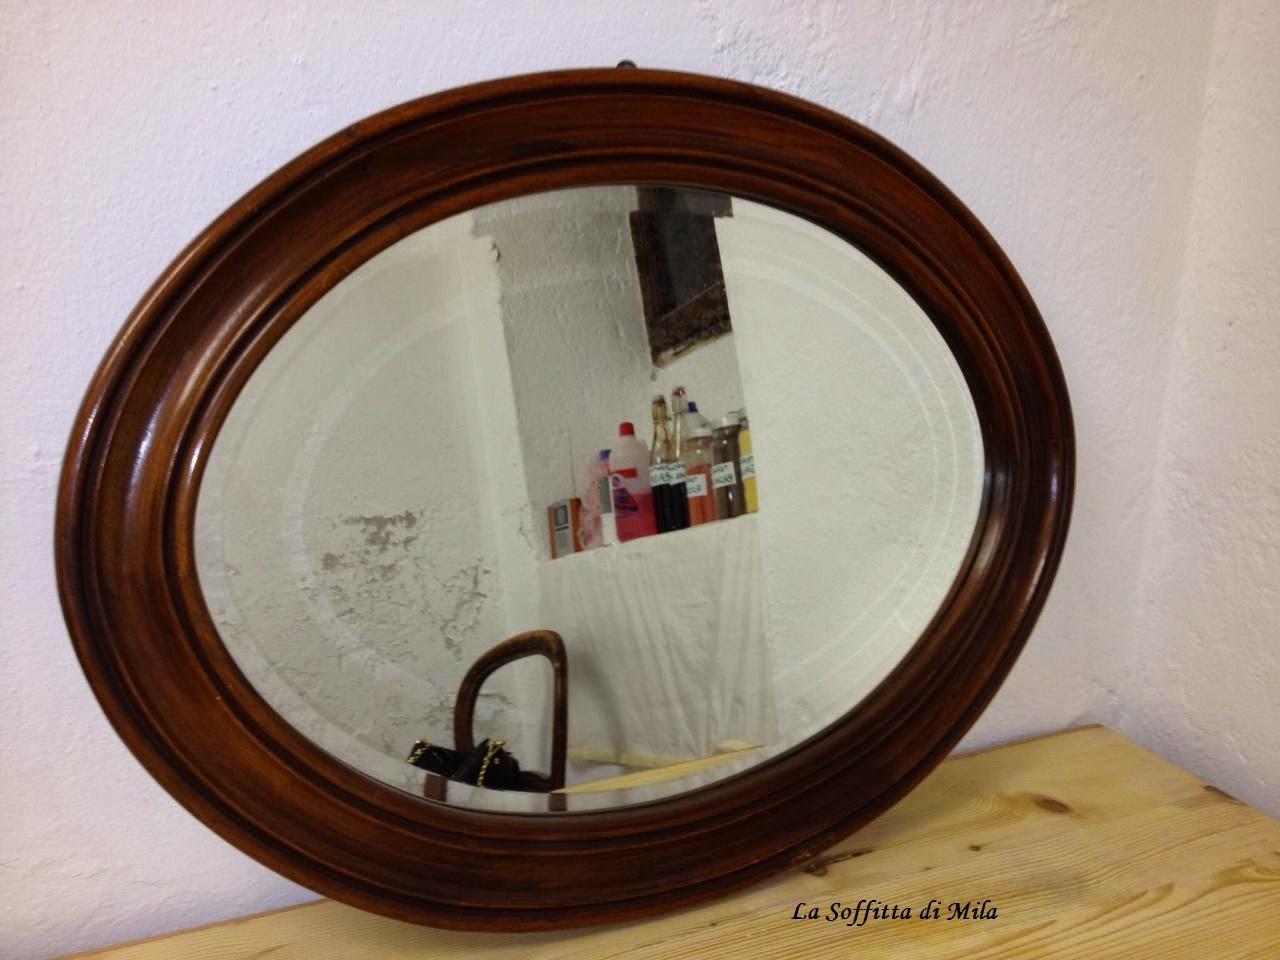 La soffitta di mila lo specchio in cantina for Lo specchio